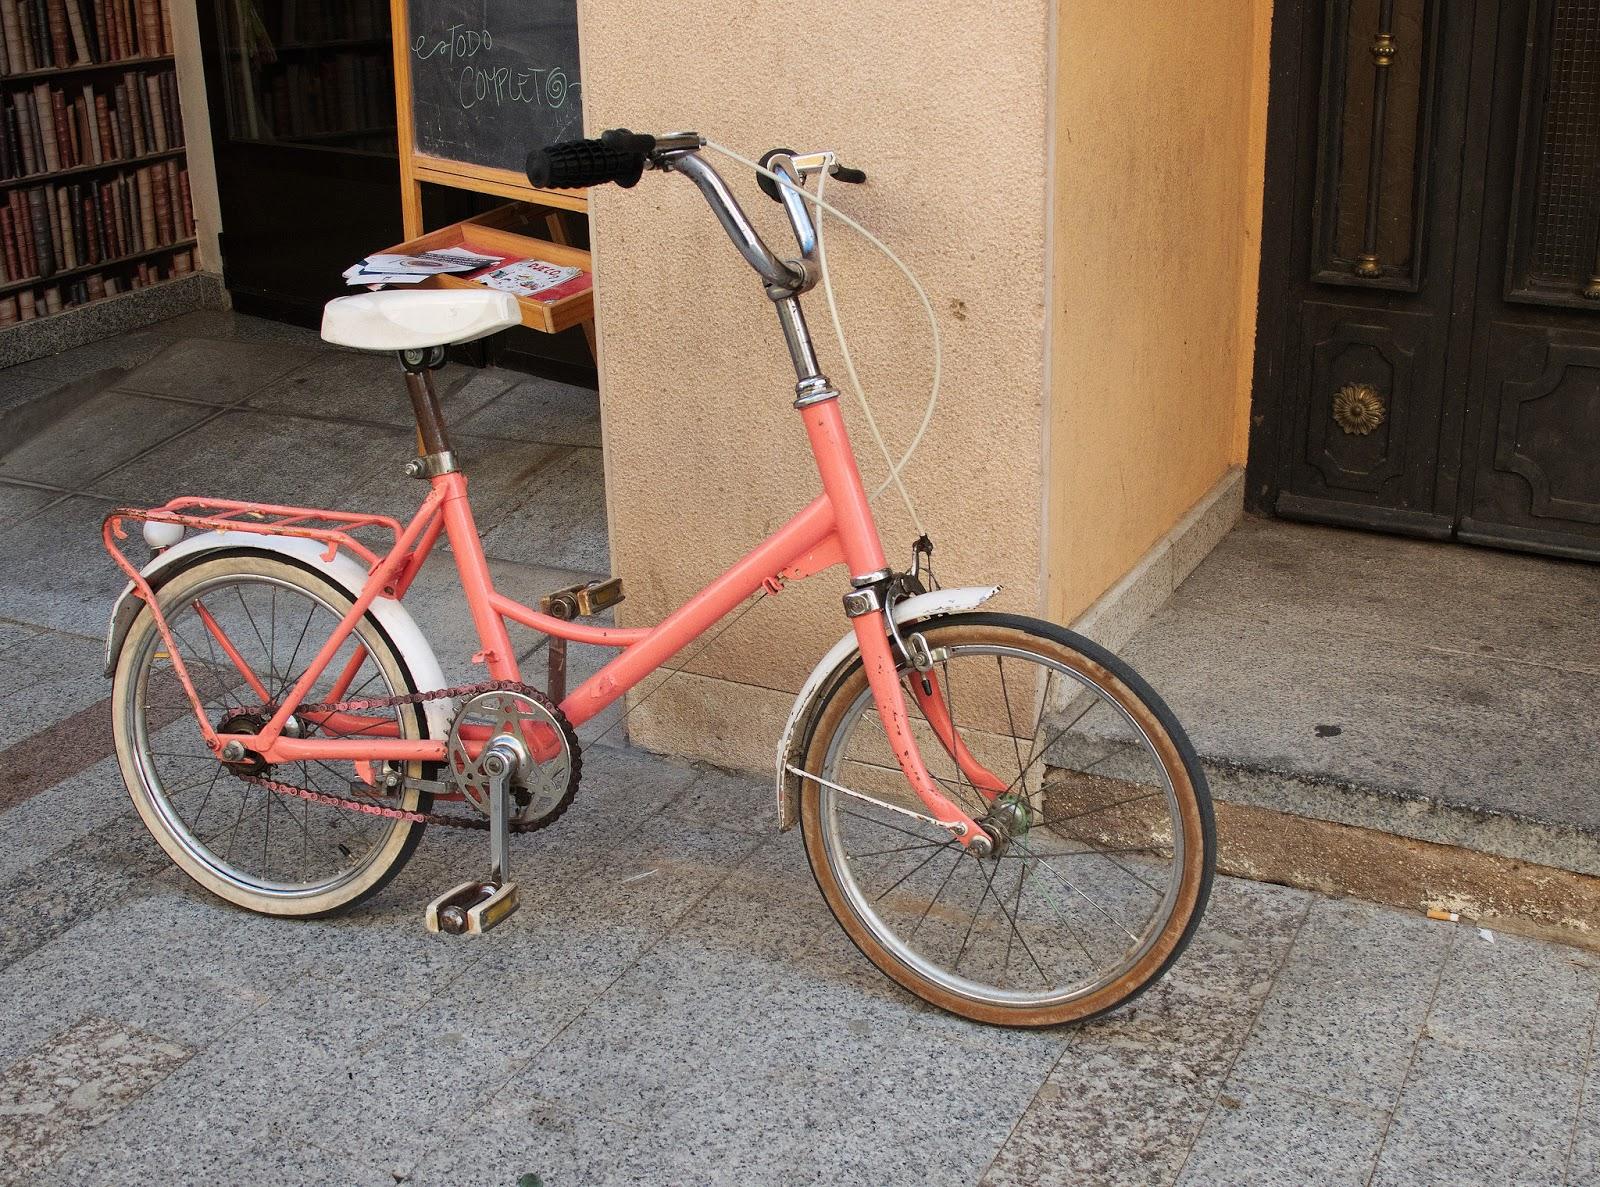 Bicicleta, Candeleda, Avila 2016